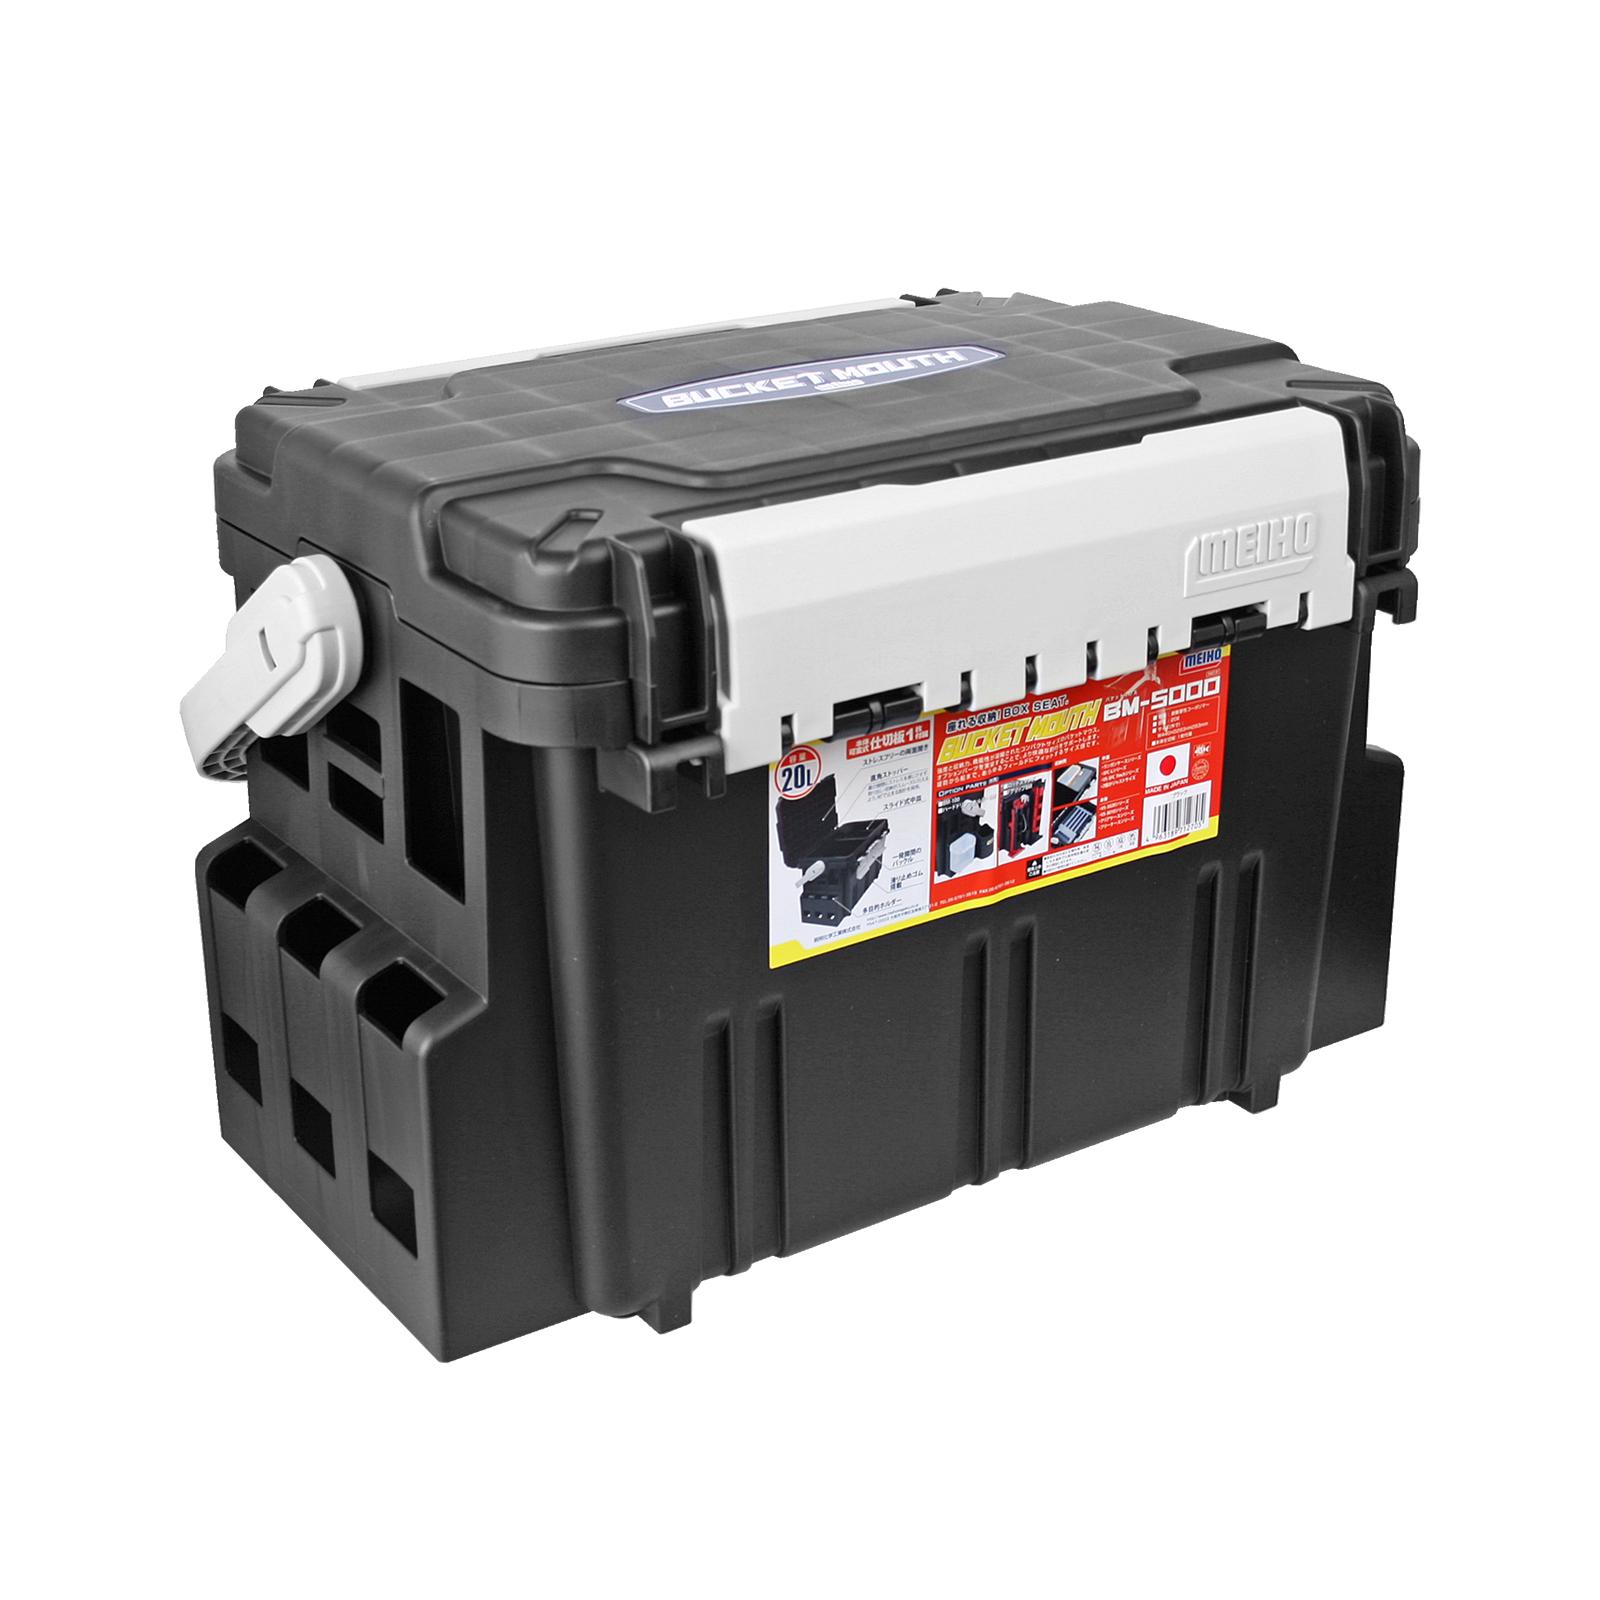 バケットマウス BM-5000 ブラック 明邦化学工業440×293×293mm 20L 釣り用収納ハードボックス